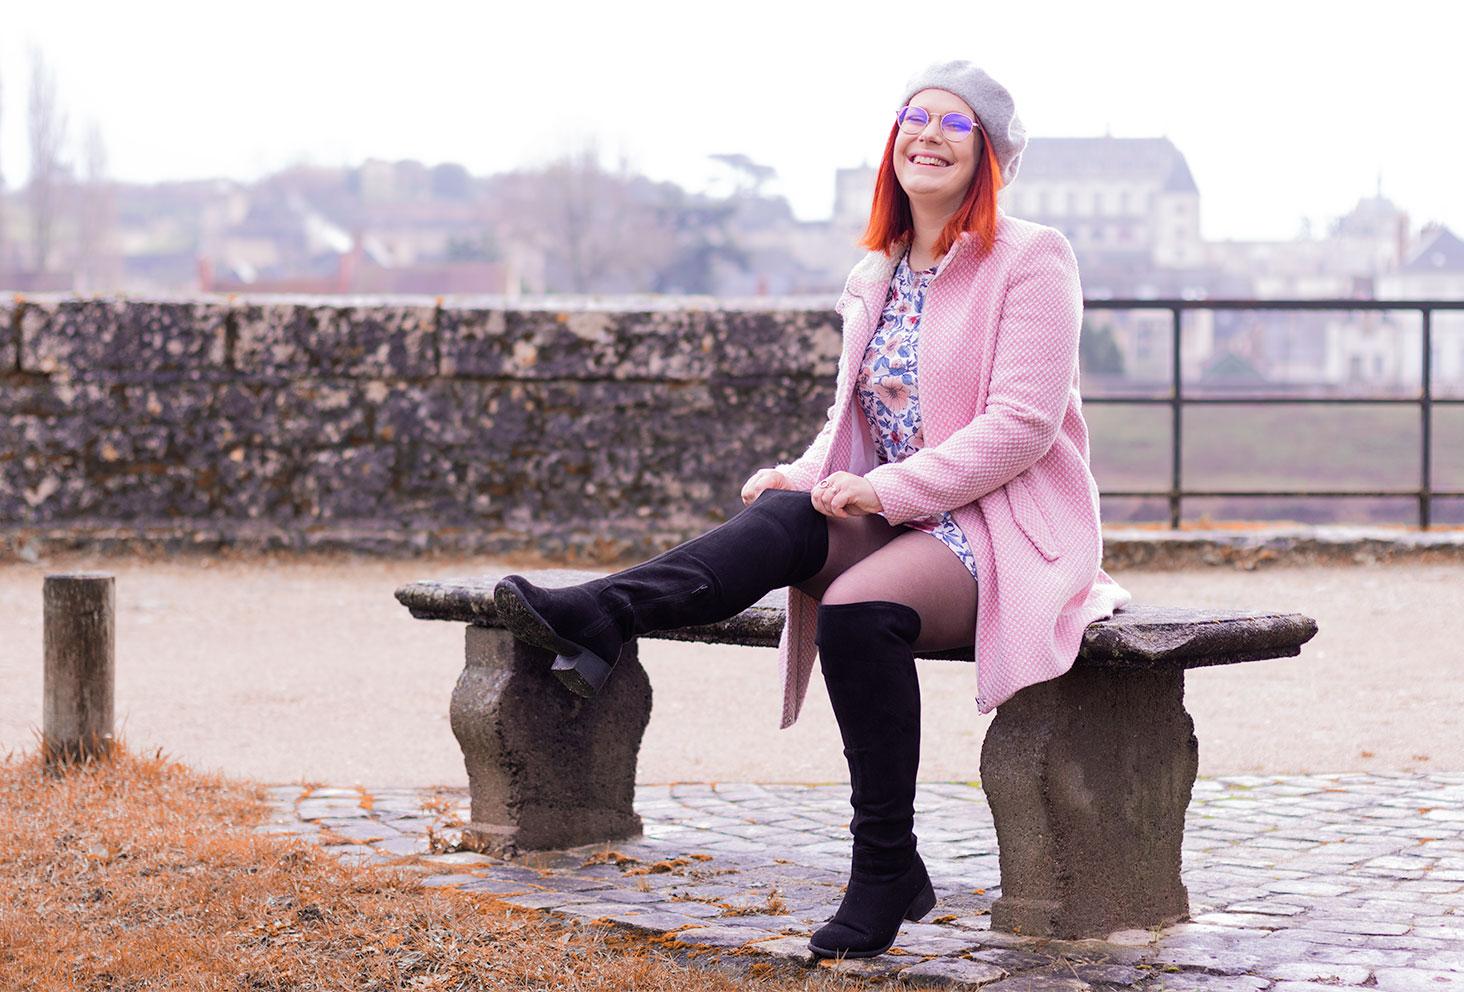 En train de remettre les cuissardes en place, assise sur un banc en manteau rose, devant le château d'Amboise